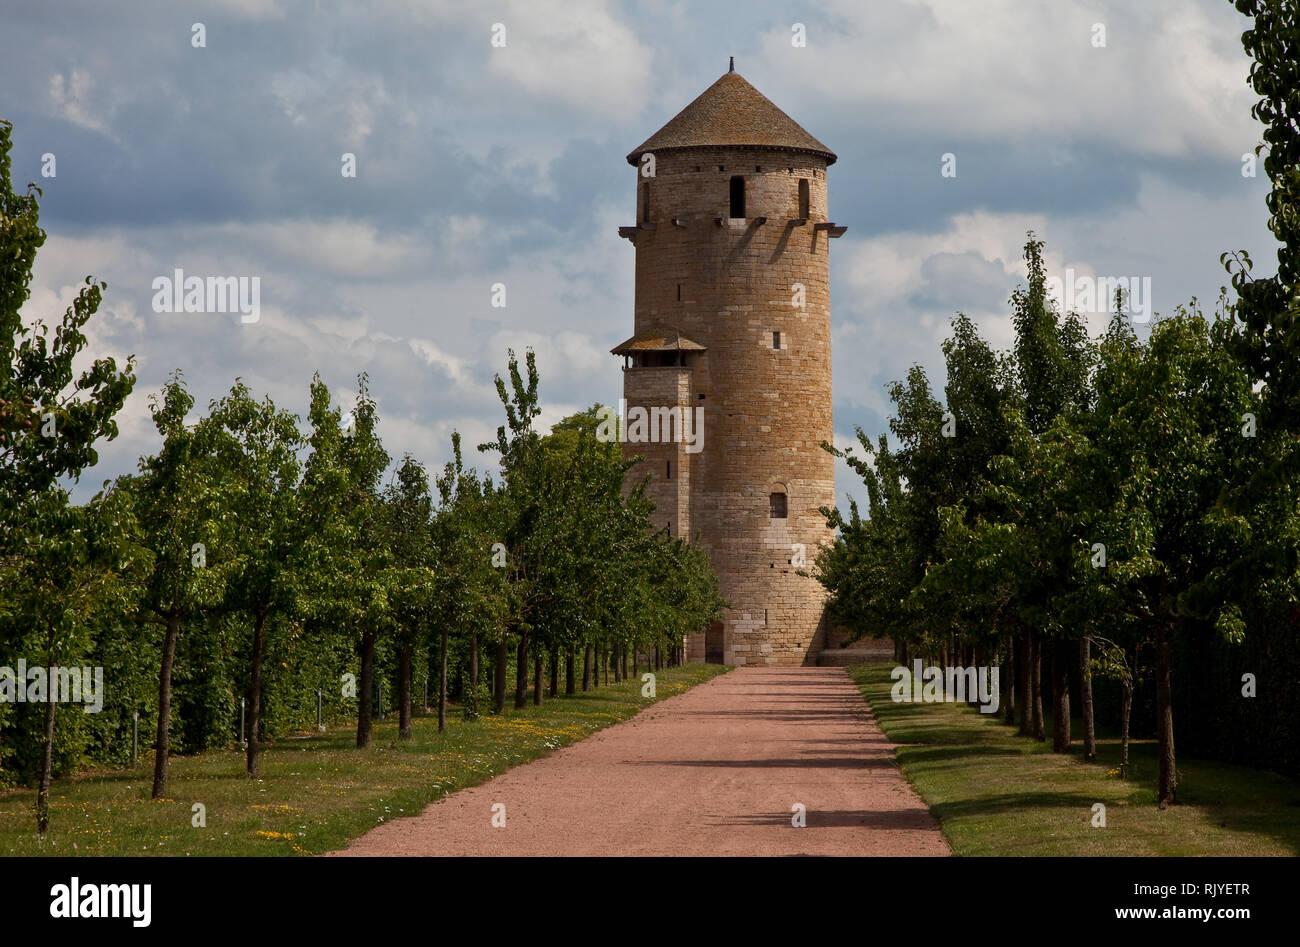 Cluny, ehemalige Benediktinerabtei, Tour Ronde an der Nordostecke des Klosterbezirks mit hölzernen Konsolen für einen nicht mehr vorhandenen Ringlaufg - Stock Image